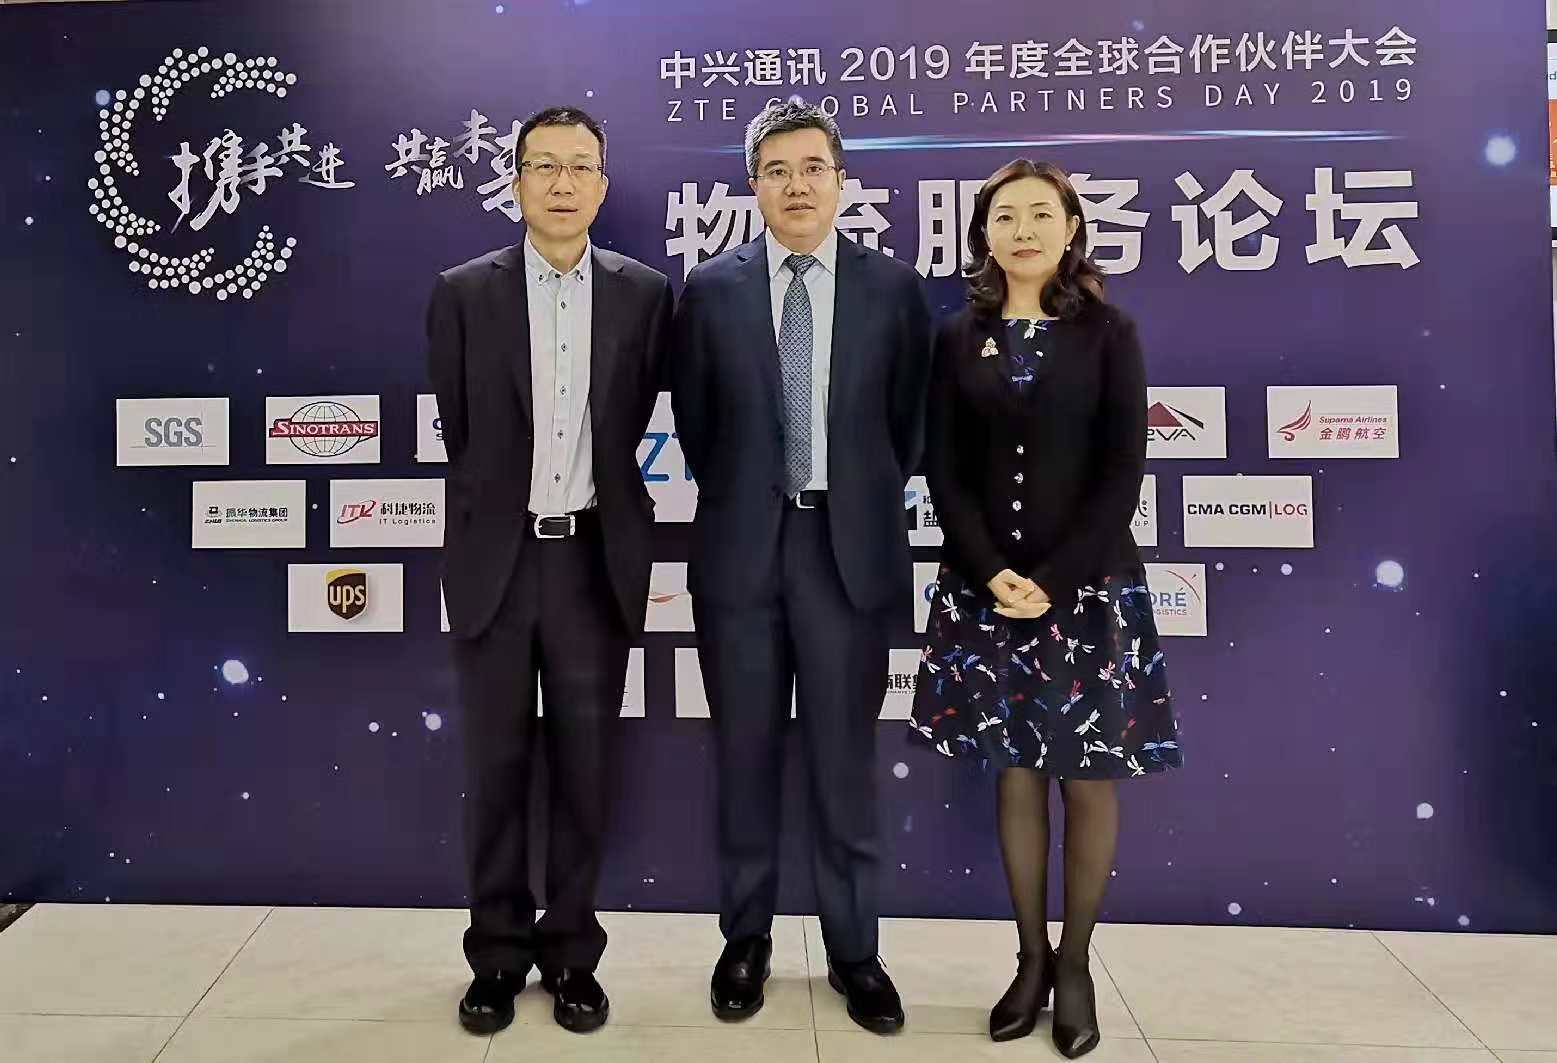 中兴2019年度全球合作伙伴大会,科捷获质量优秀奖